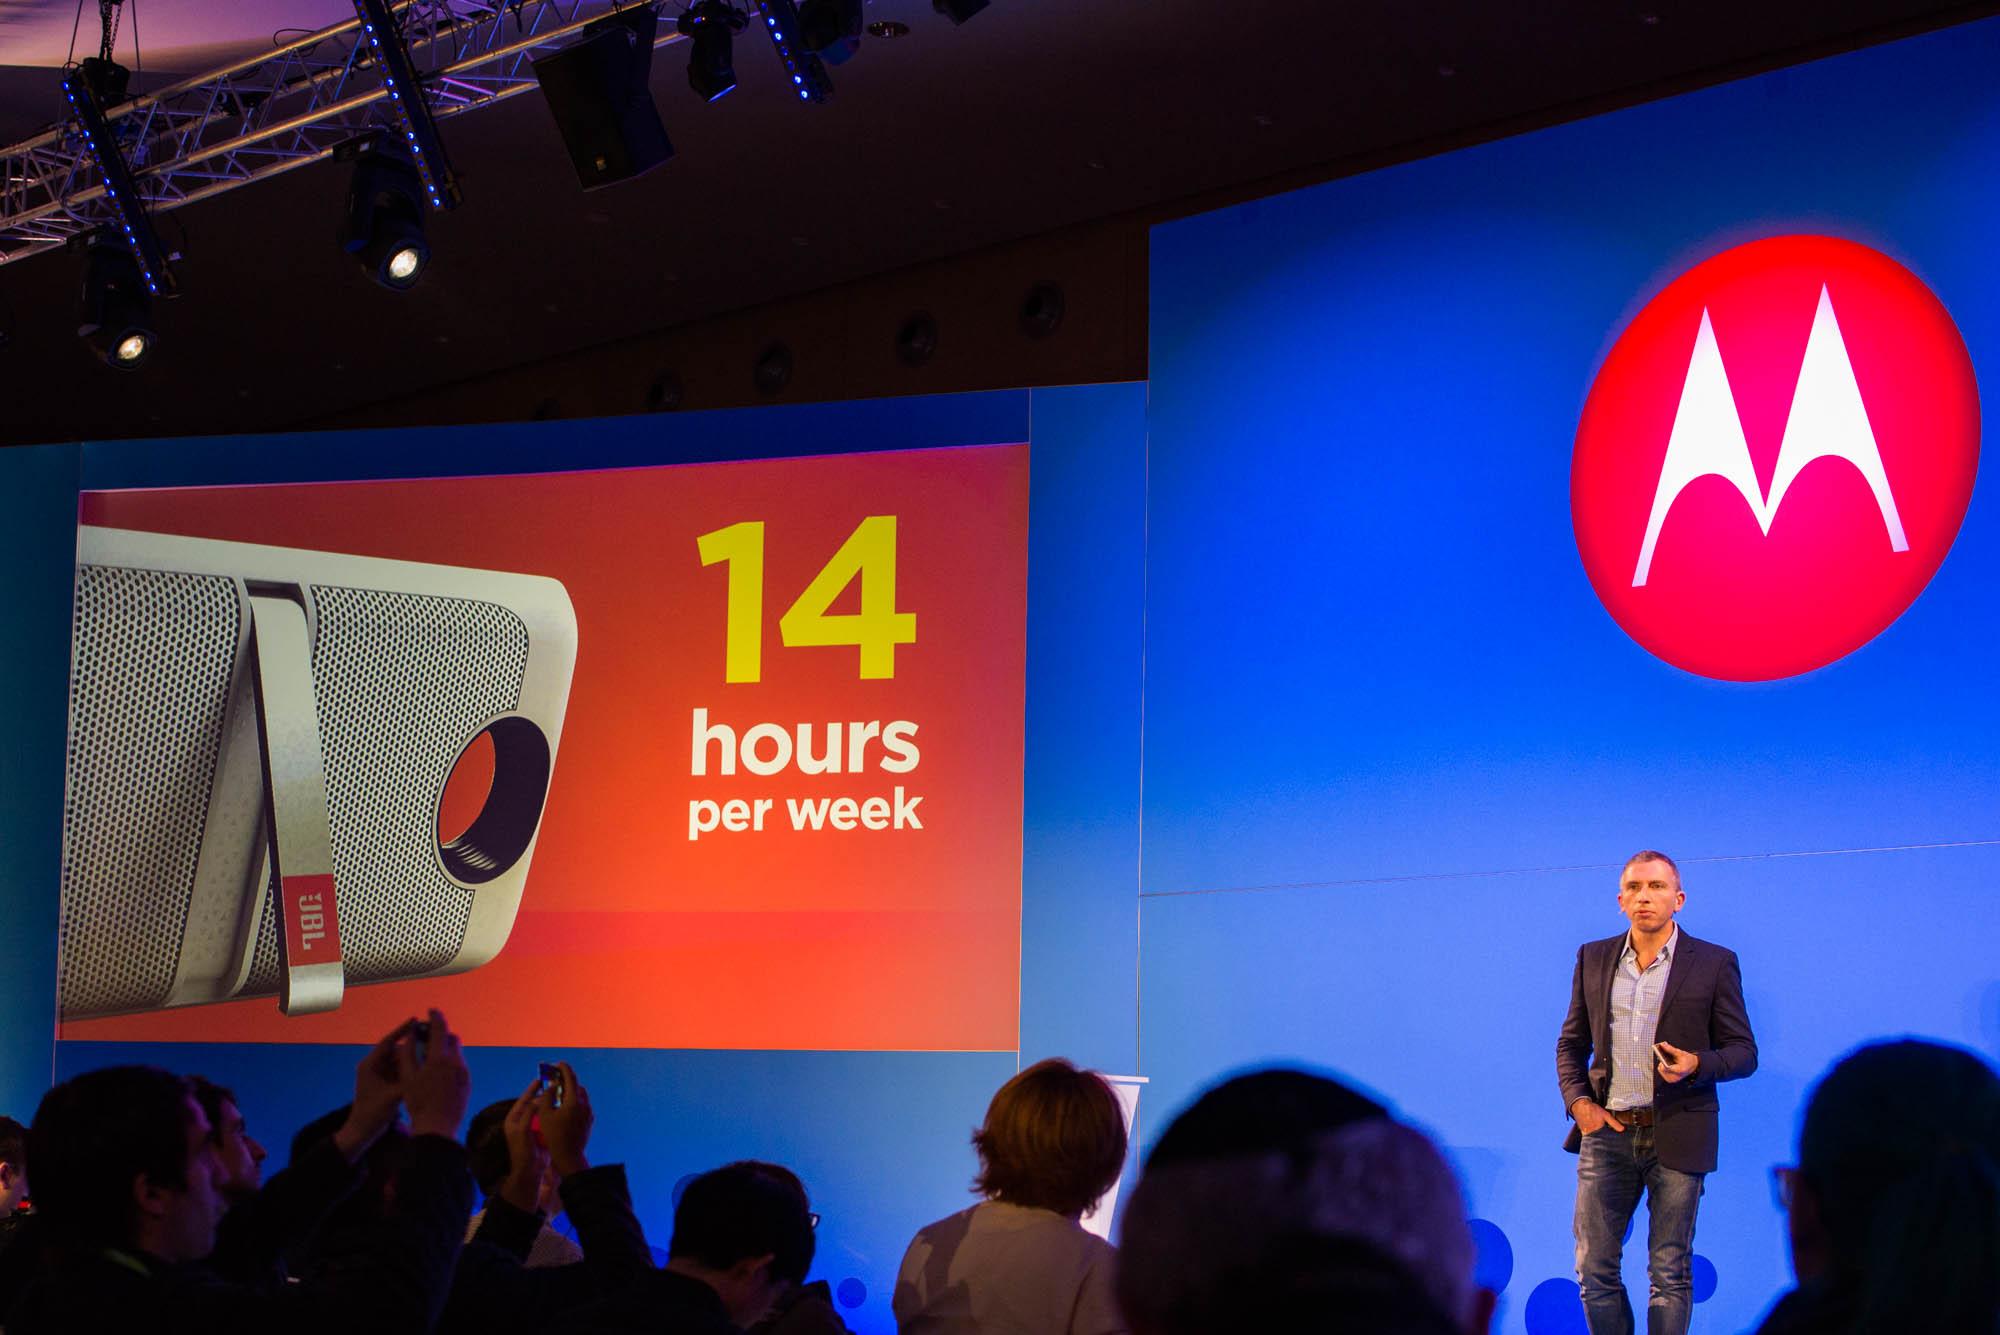 14 godzin tygodniowo - tyle czasu użytkownicy korzystają z modułu JBL.